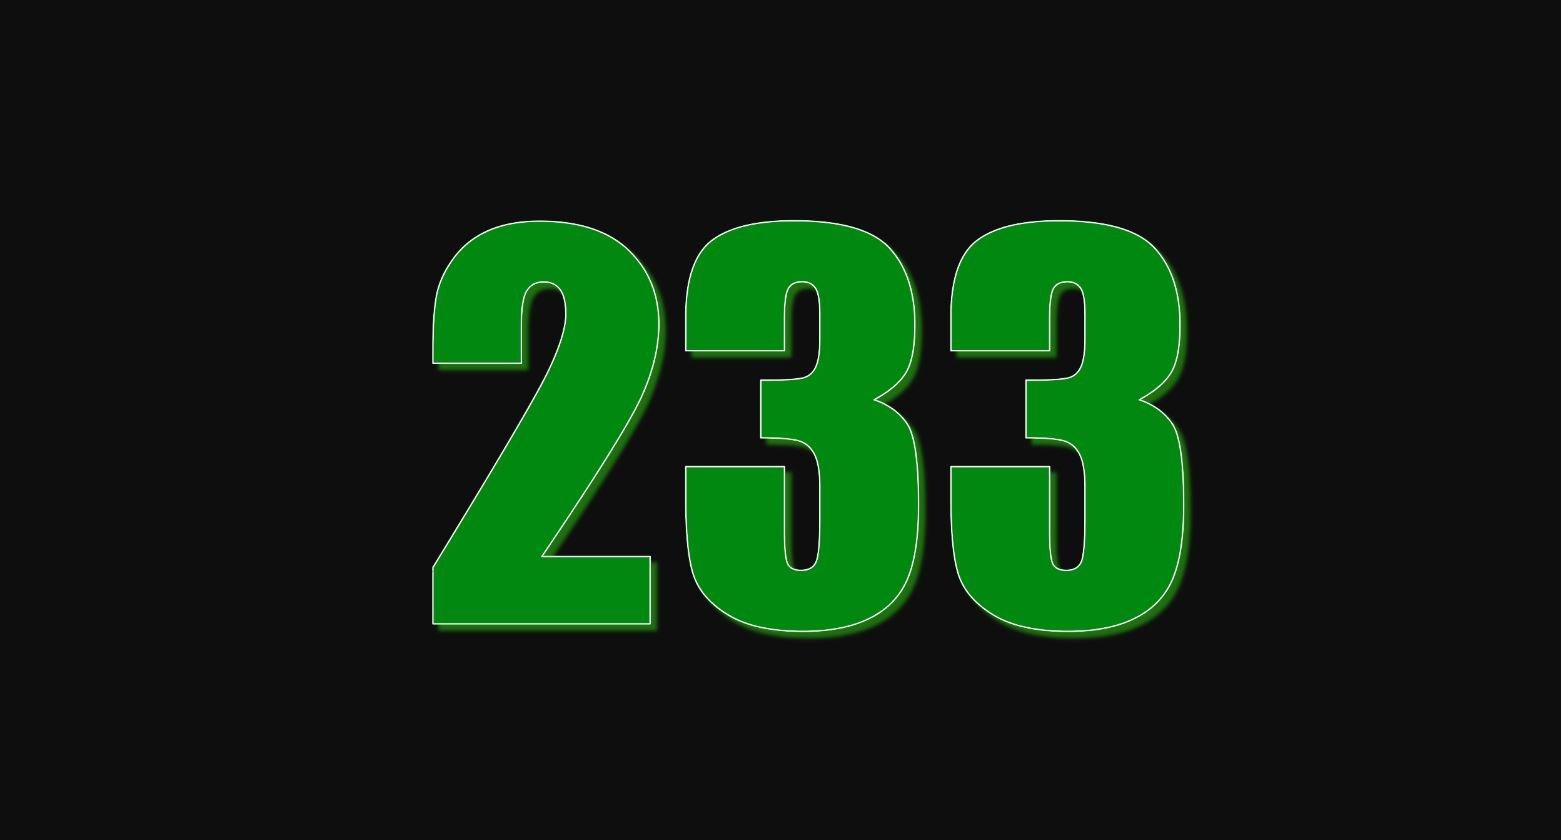 Significado do número 233